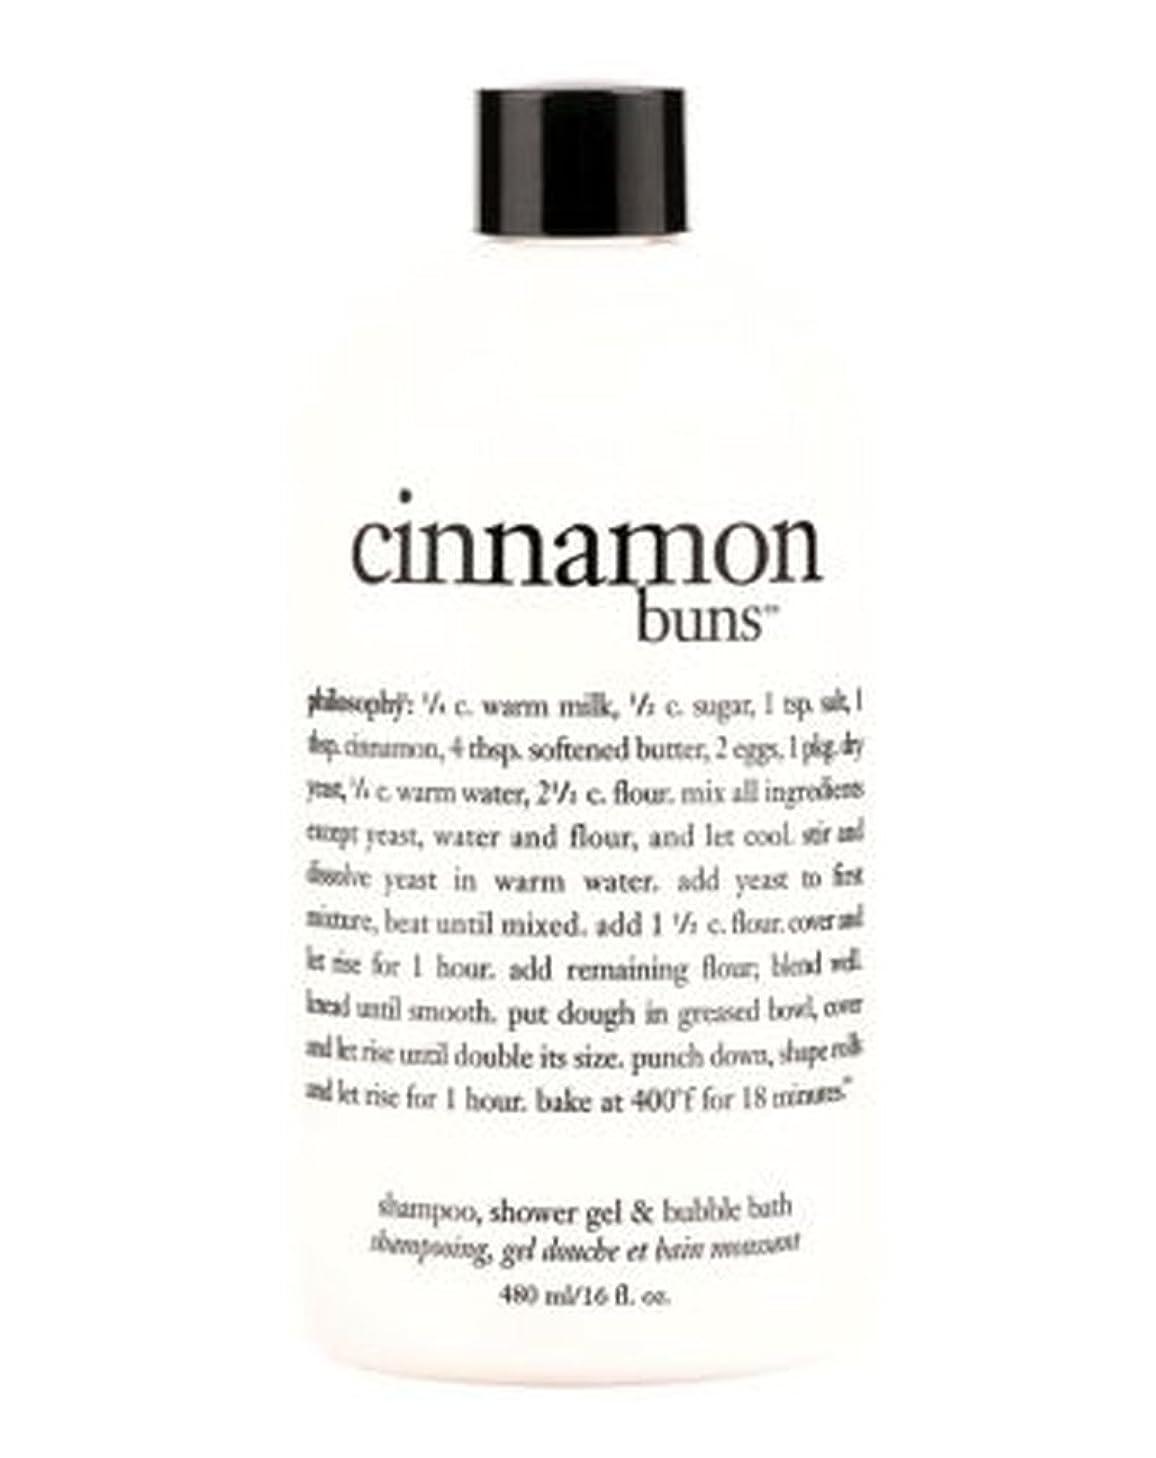 ブリーフケースステープル構想するphilosophy cinnamon buns 3 in 1 shampoo, shower gel & bubble bath 480ml - 1シャンプー、シャワージェル&バブルバス480ミリリットルで哲学シナモンバンズ3 (Philosophy) [並行輸入品]